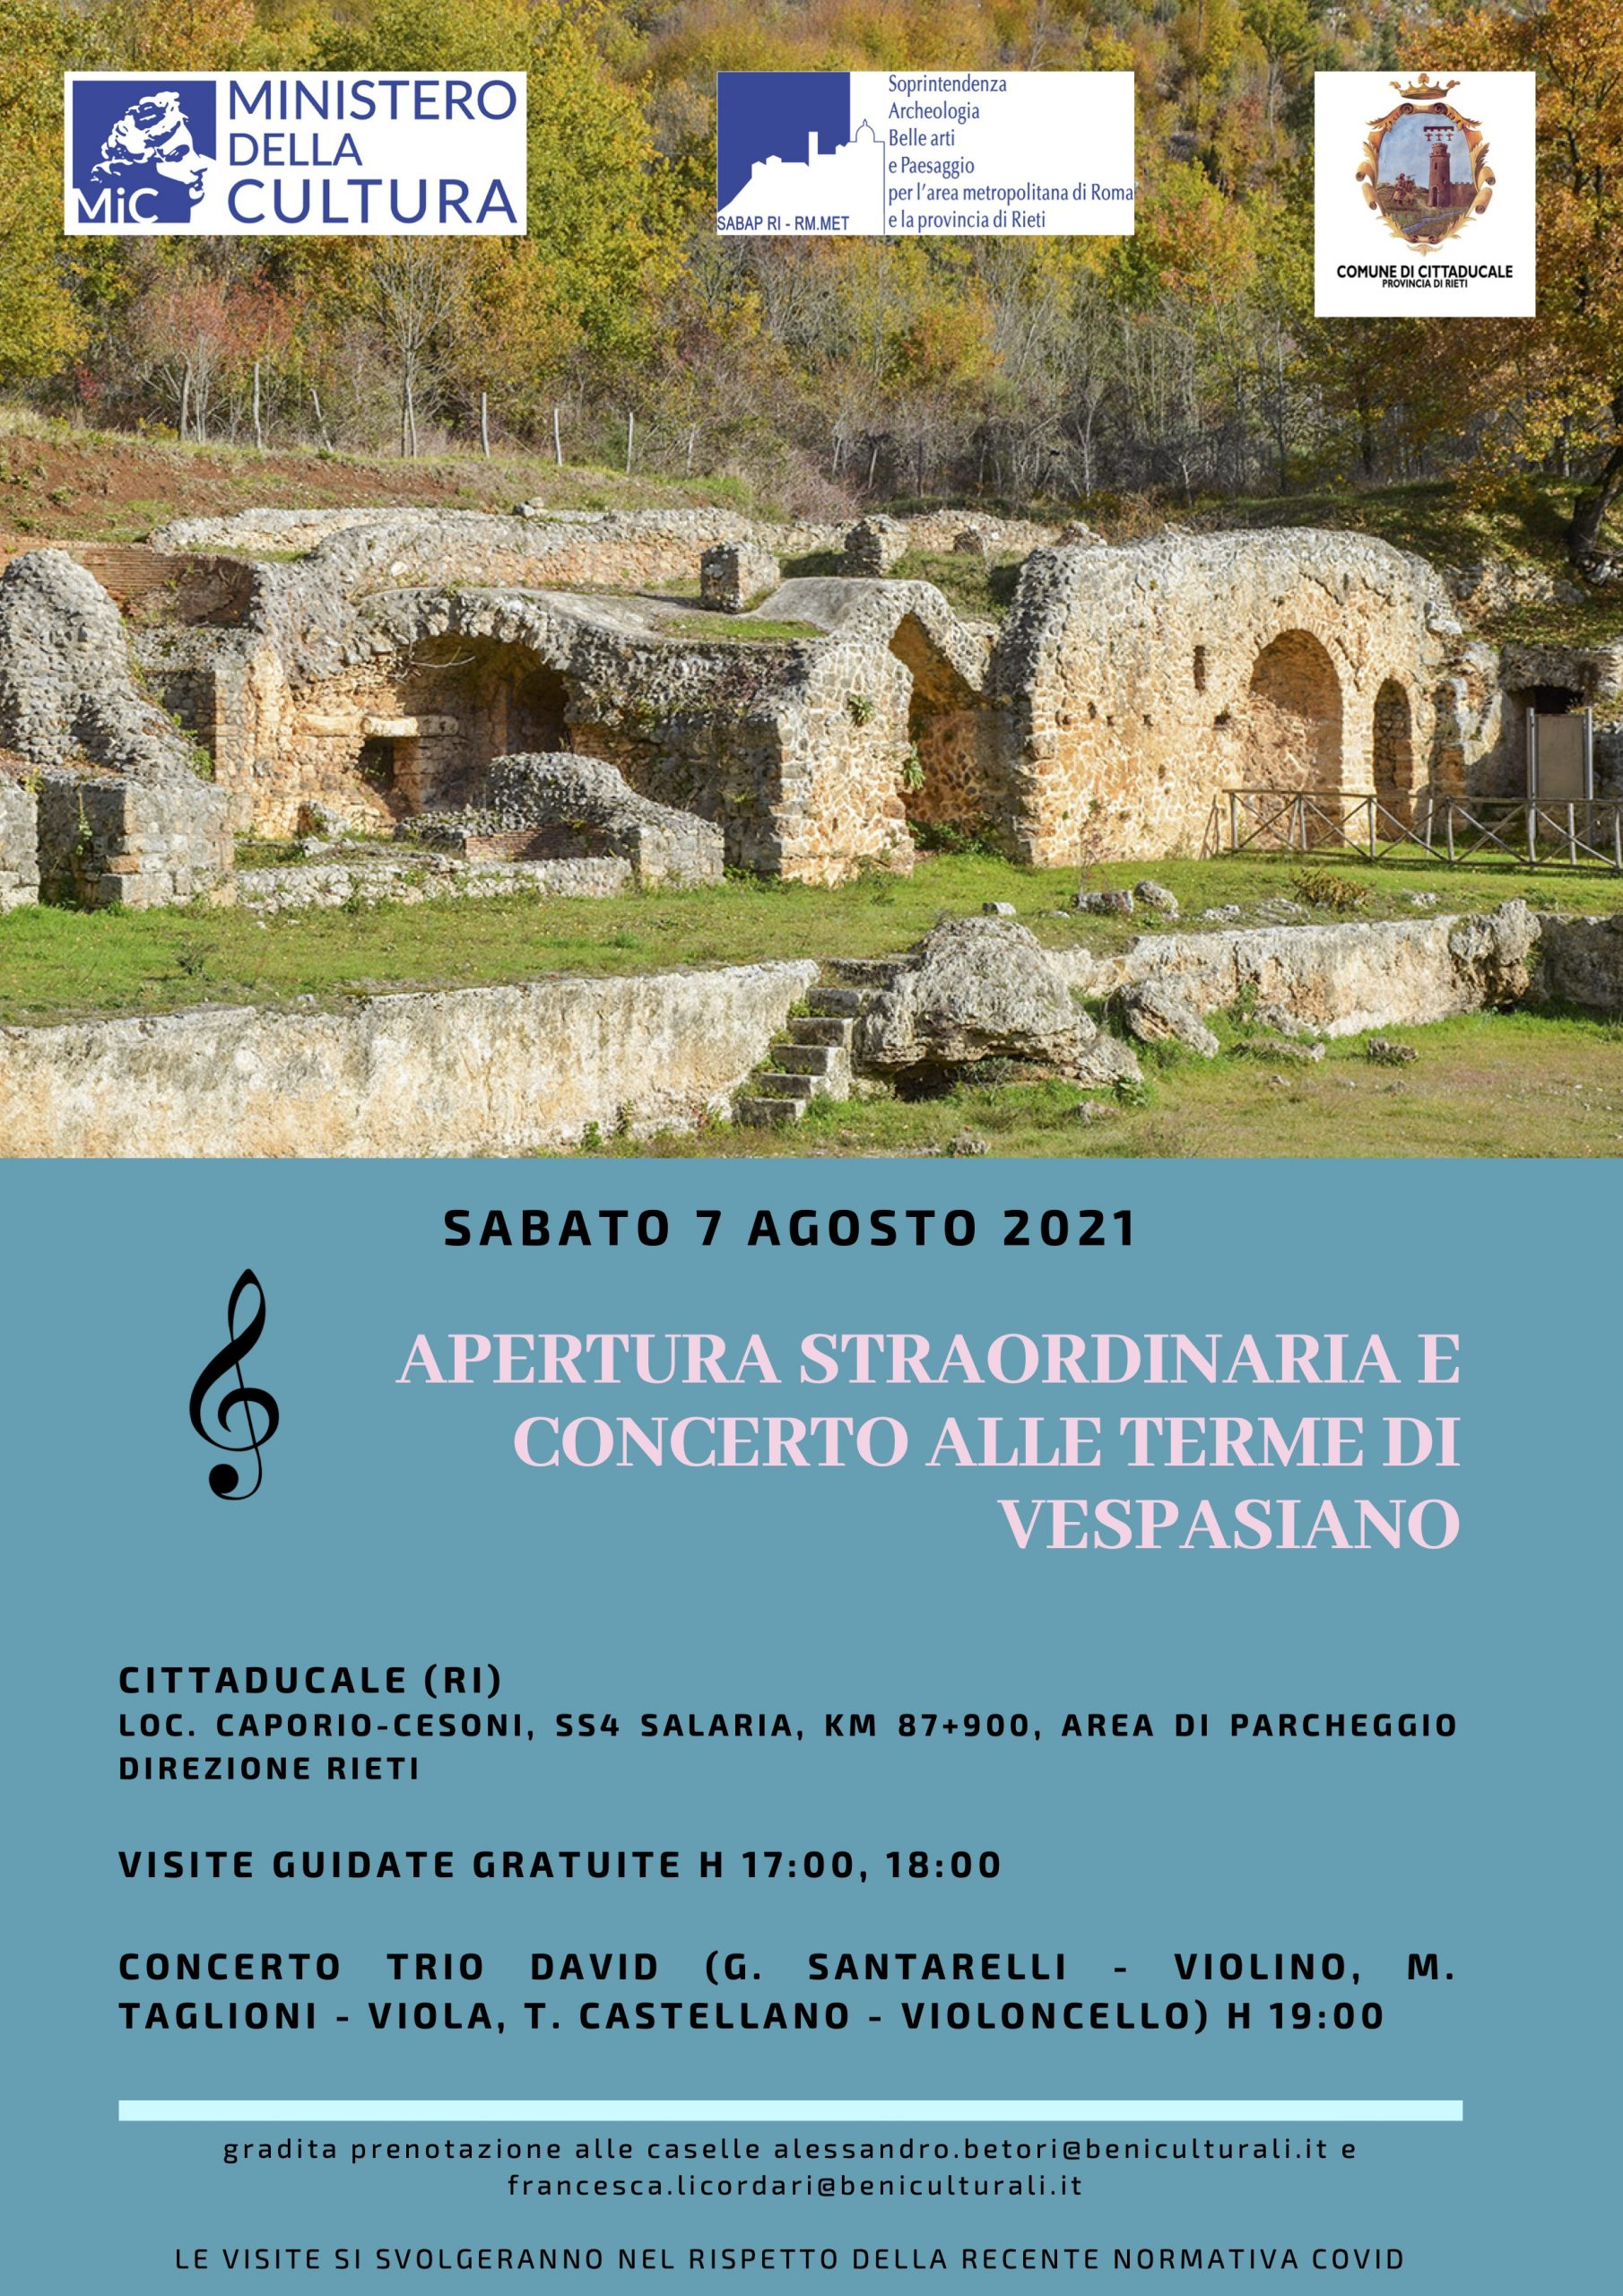 Il 7 agosto apertura straordinaria con concerto alle Terme di Vespasiano a Cittaducale